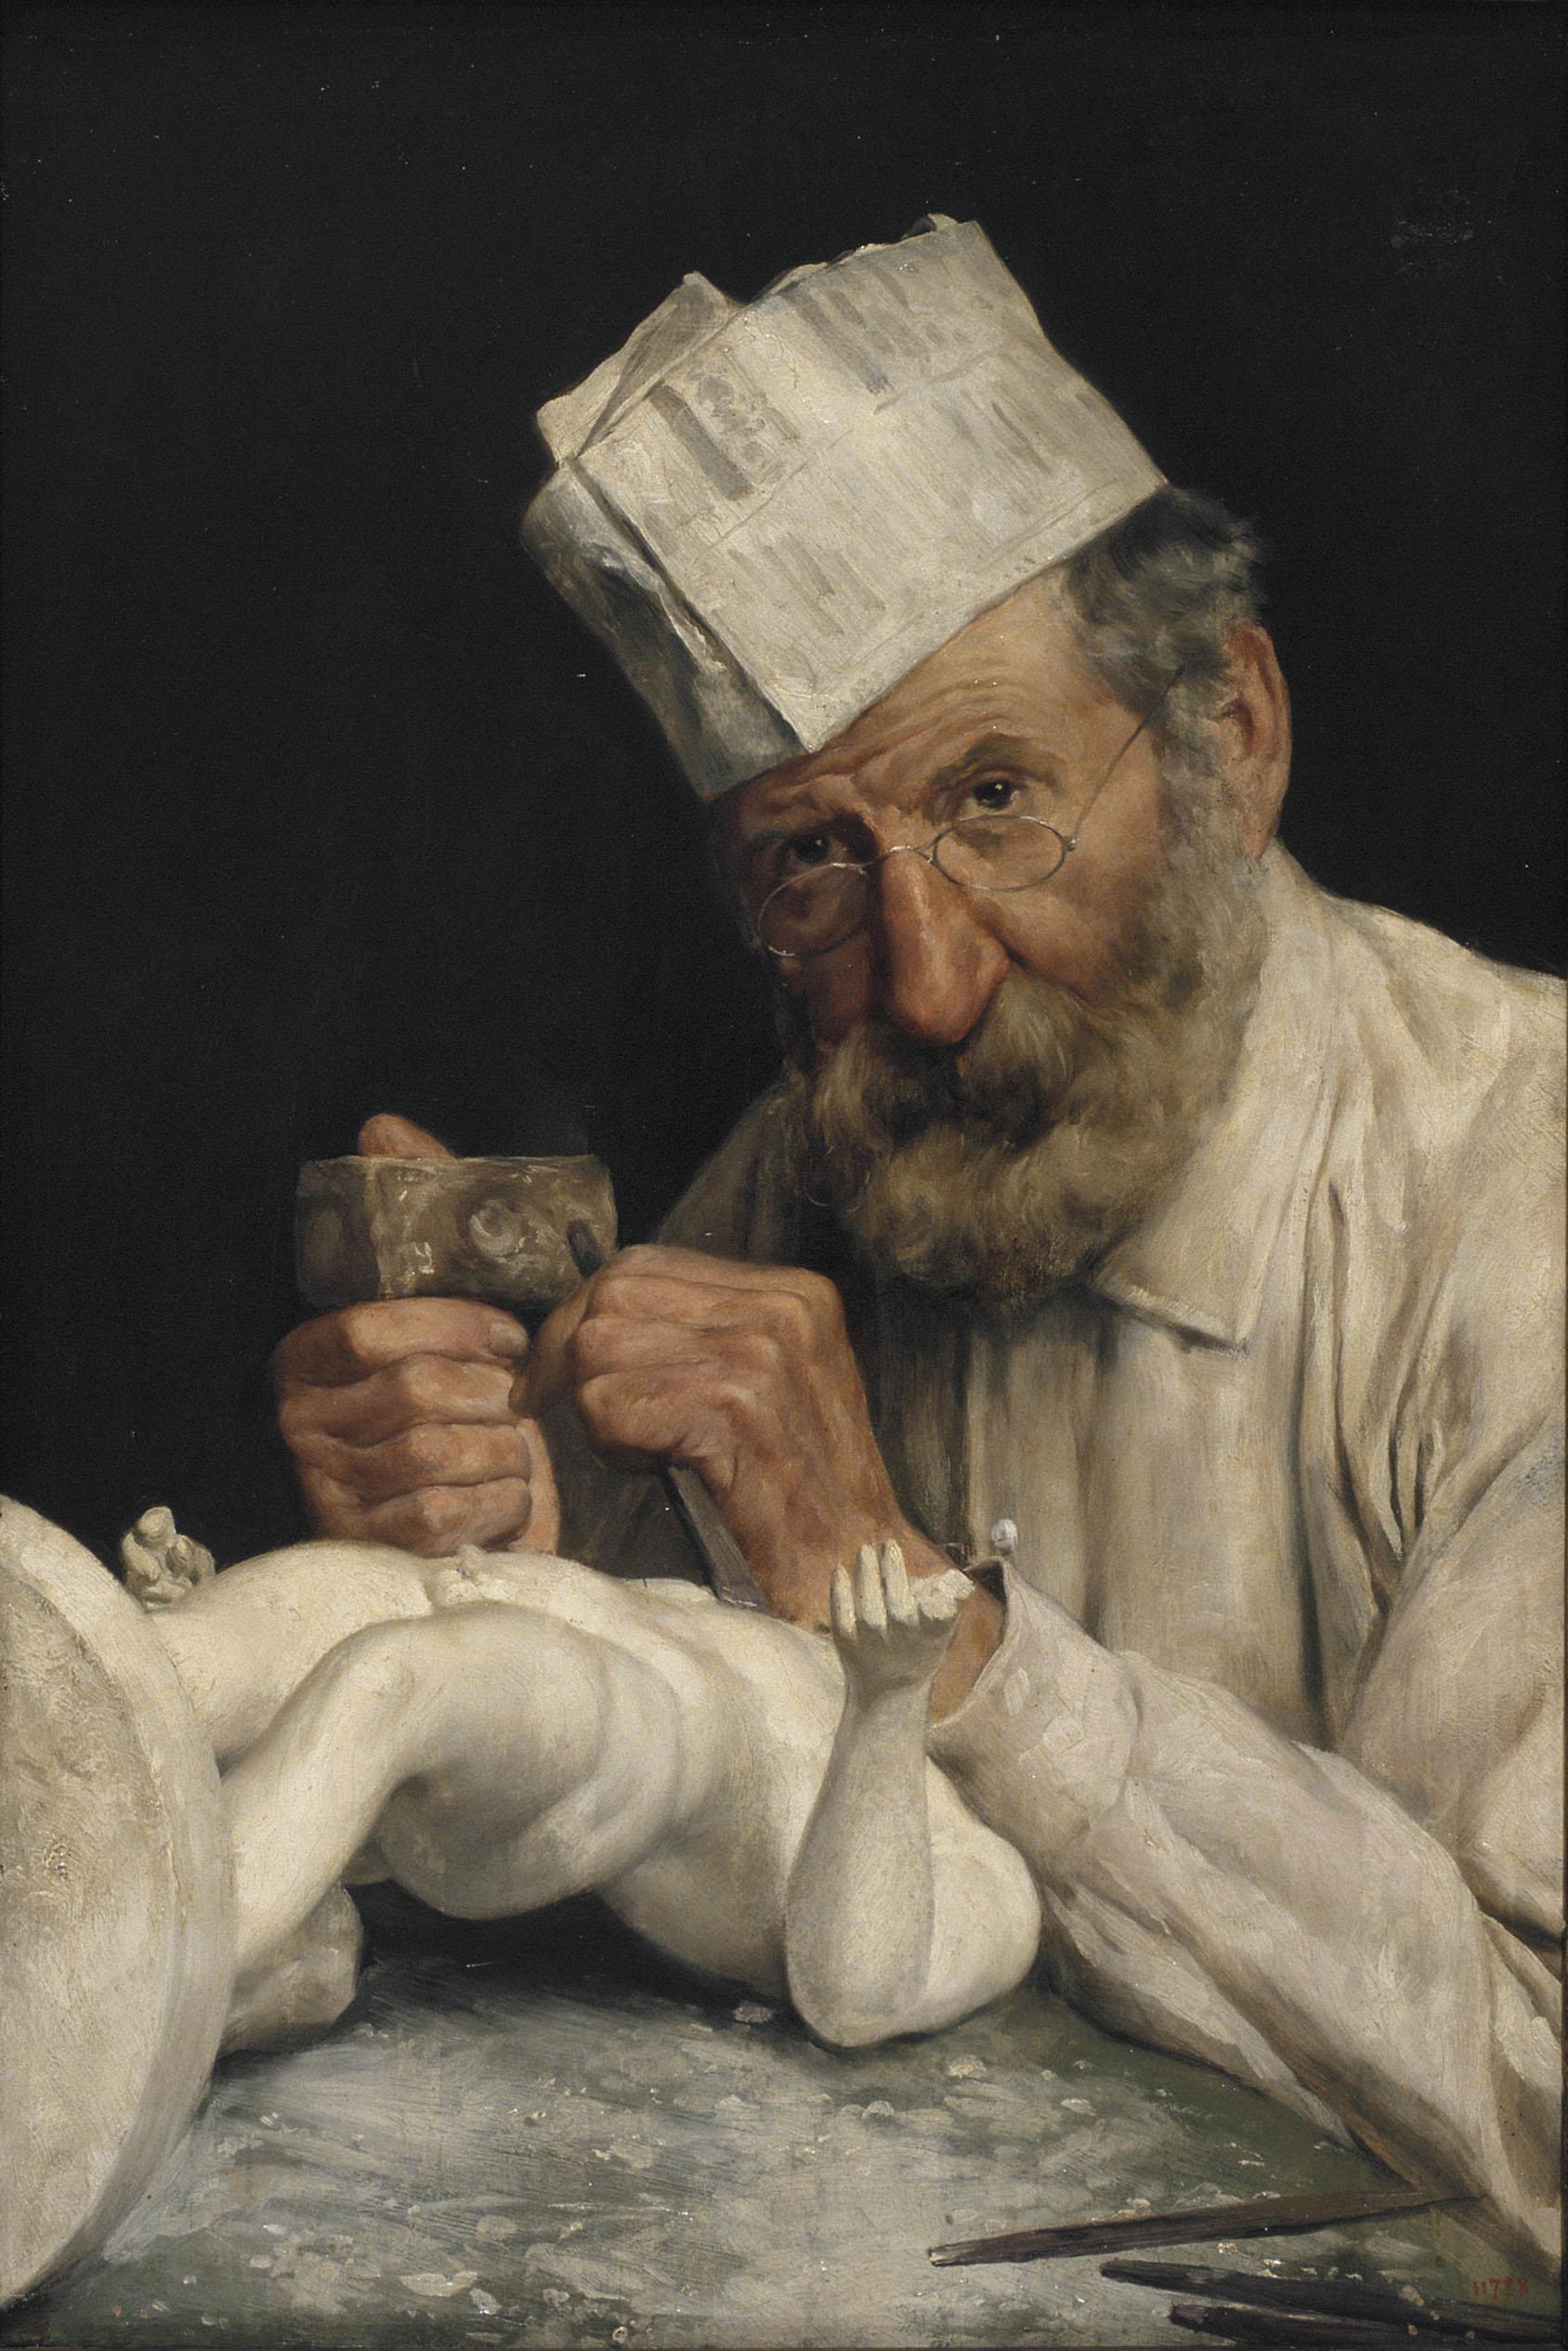 Antoni Fabrés - L'escultor - Roma, cap a 1910